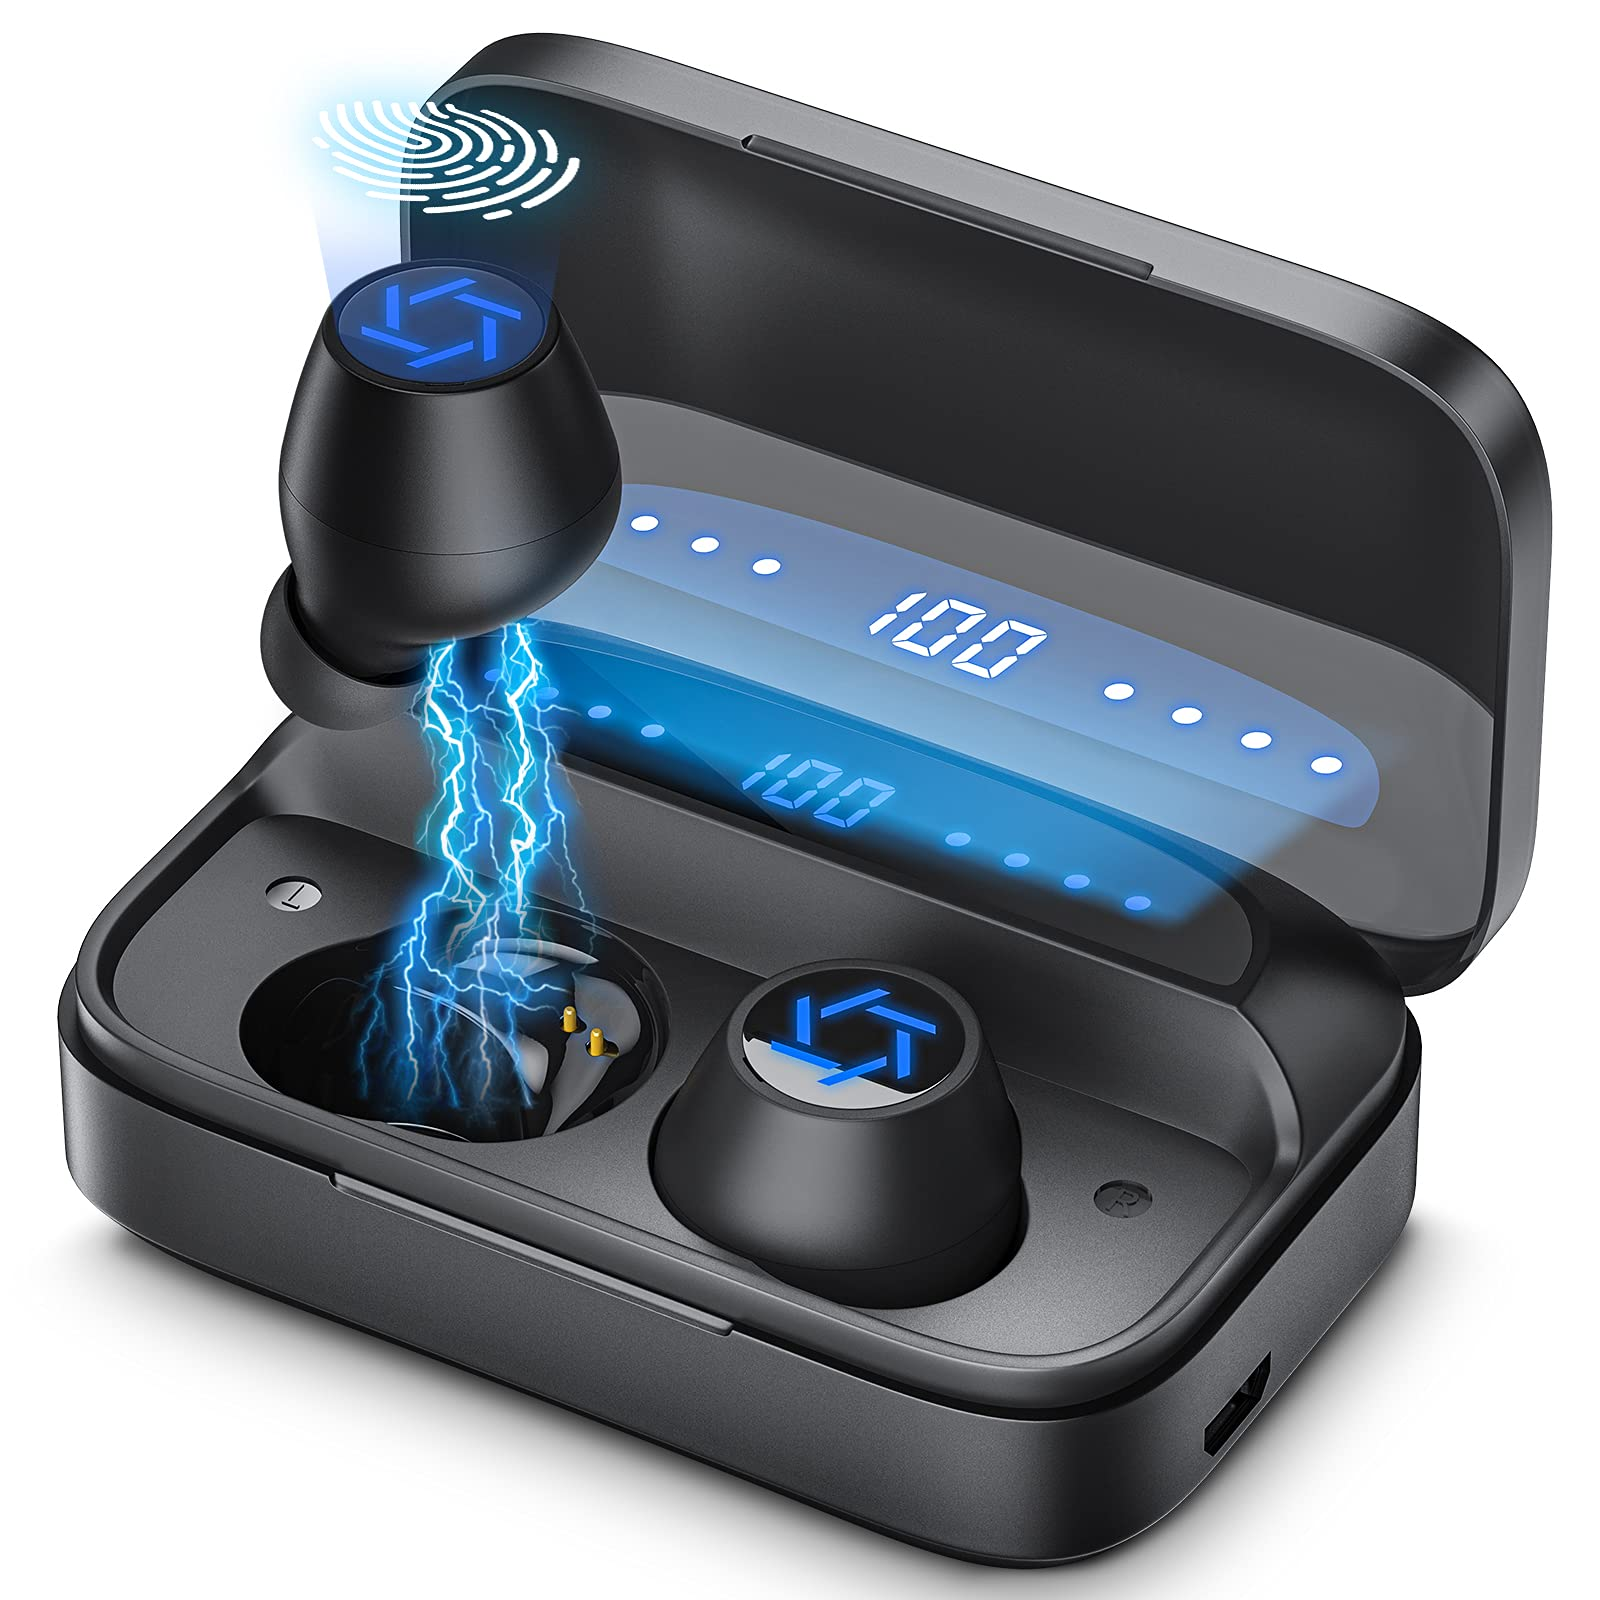 2021新開発」Bluetooth イヤホン ワイヤレス イヤホン Bluetooth 5.1ブルートゥース イヤホン 4000mAh Hi-Fiステレオ AAC対応 300時間連続再生 IPX7防水 CVC8.0ノイズキャンセリング 自動ペアリング…; セール価格: ¥2,999